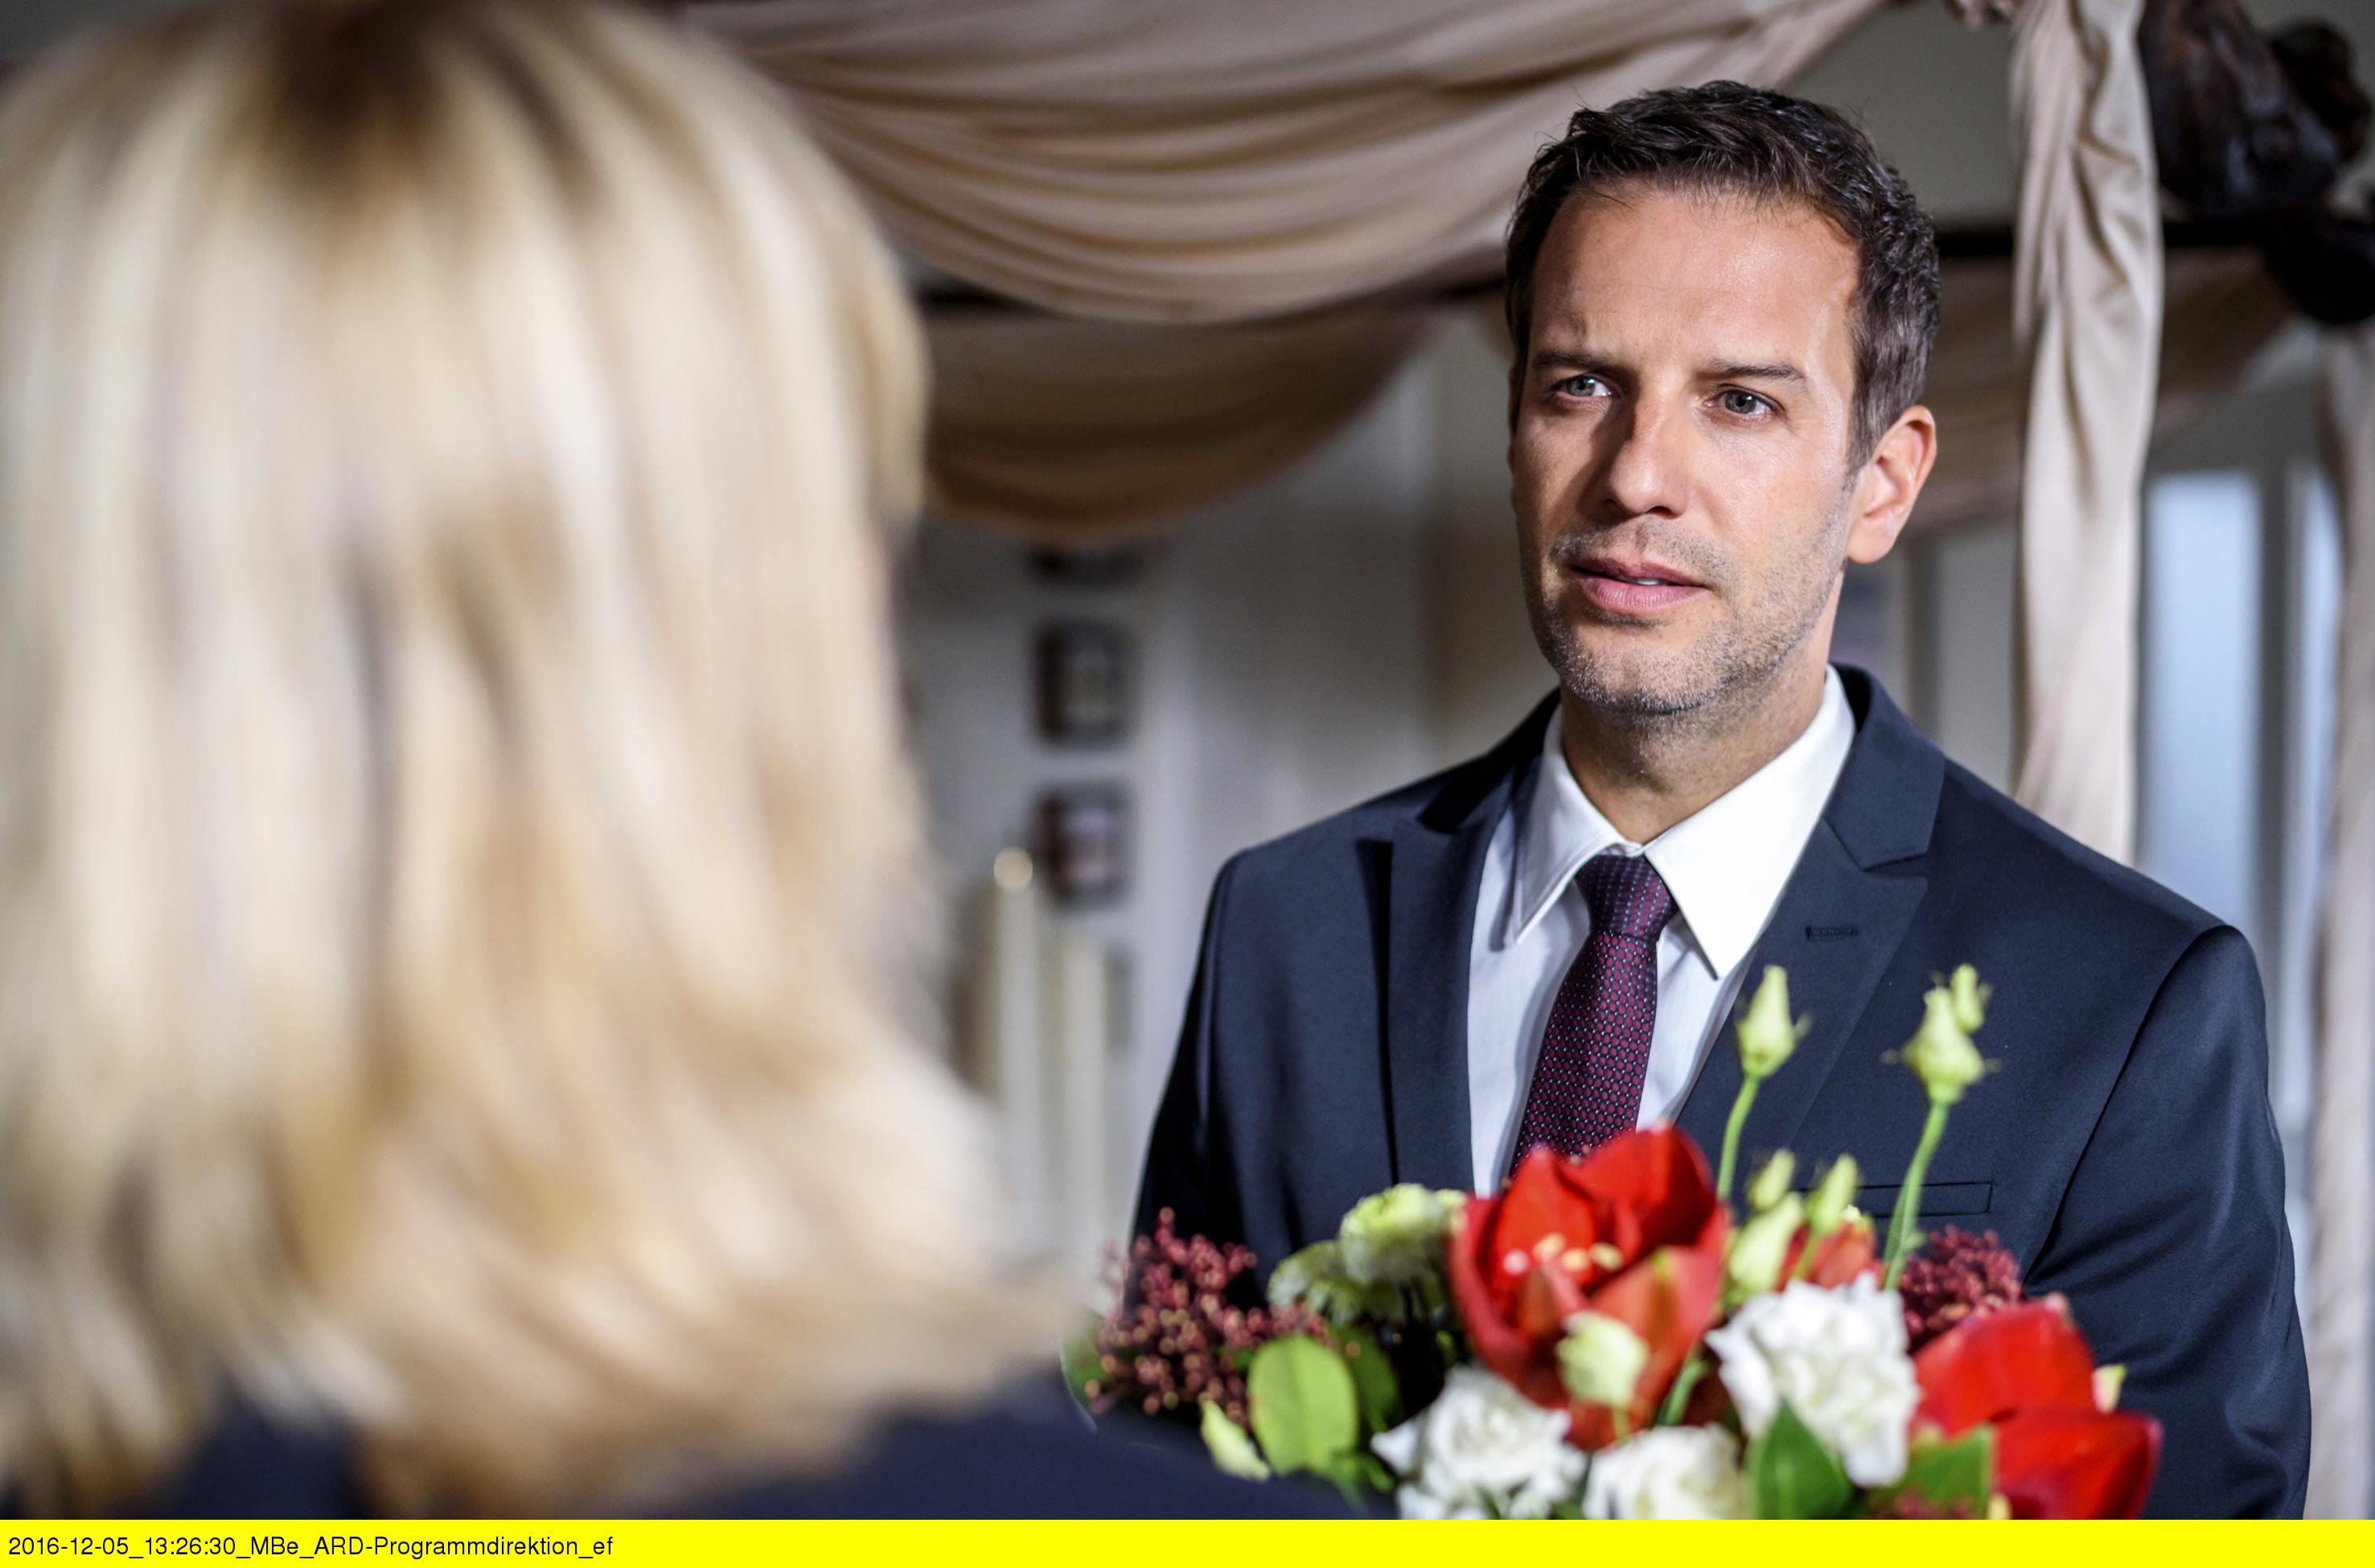 ARD STURM DER LIEBE FOLGE 2618, am Dienstag (24.01.17) um 15:10 Uhr im ERSTEN. Nils (Florian Stadler, r.) hat gegenüber Charlotte (Mona Seefried, l.) ein schlechtes Gewissen. (Quelle: ARD/Christof Arnold)